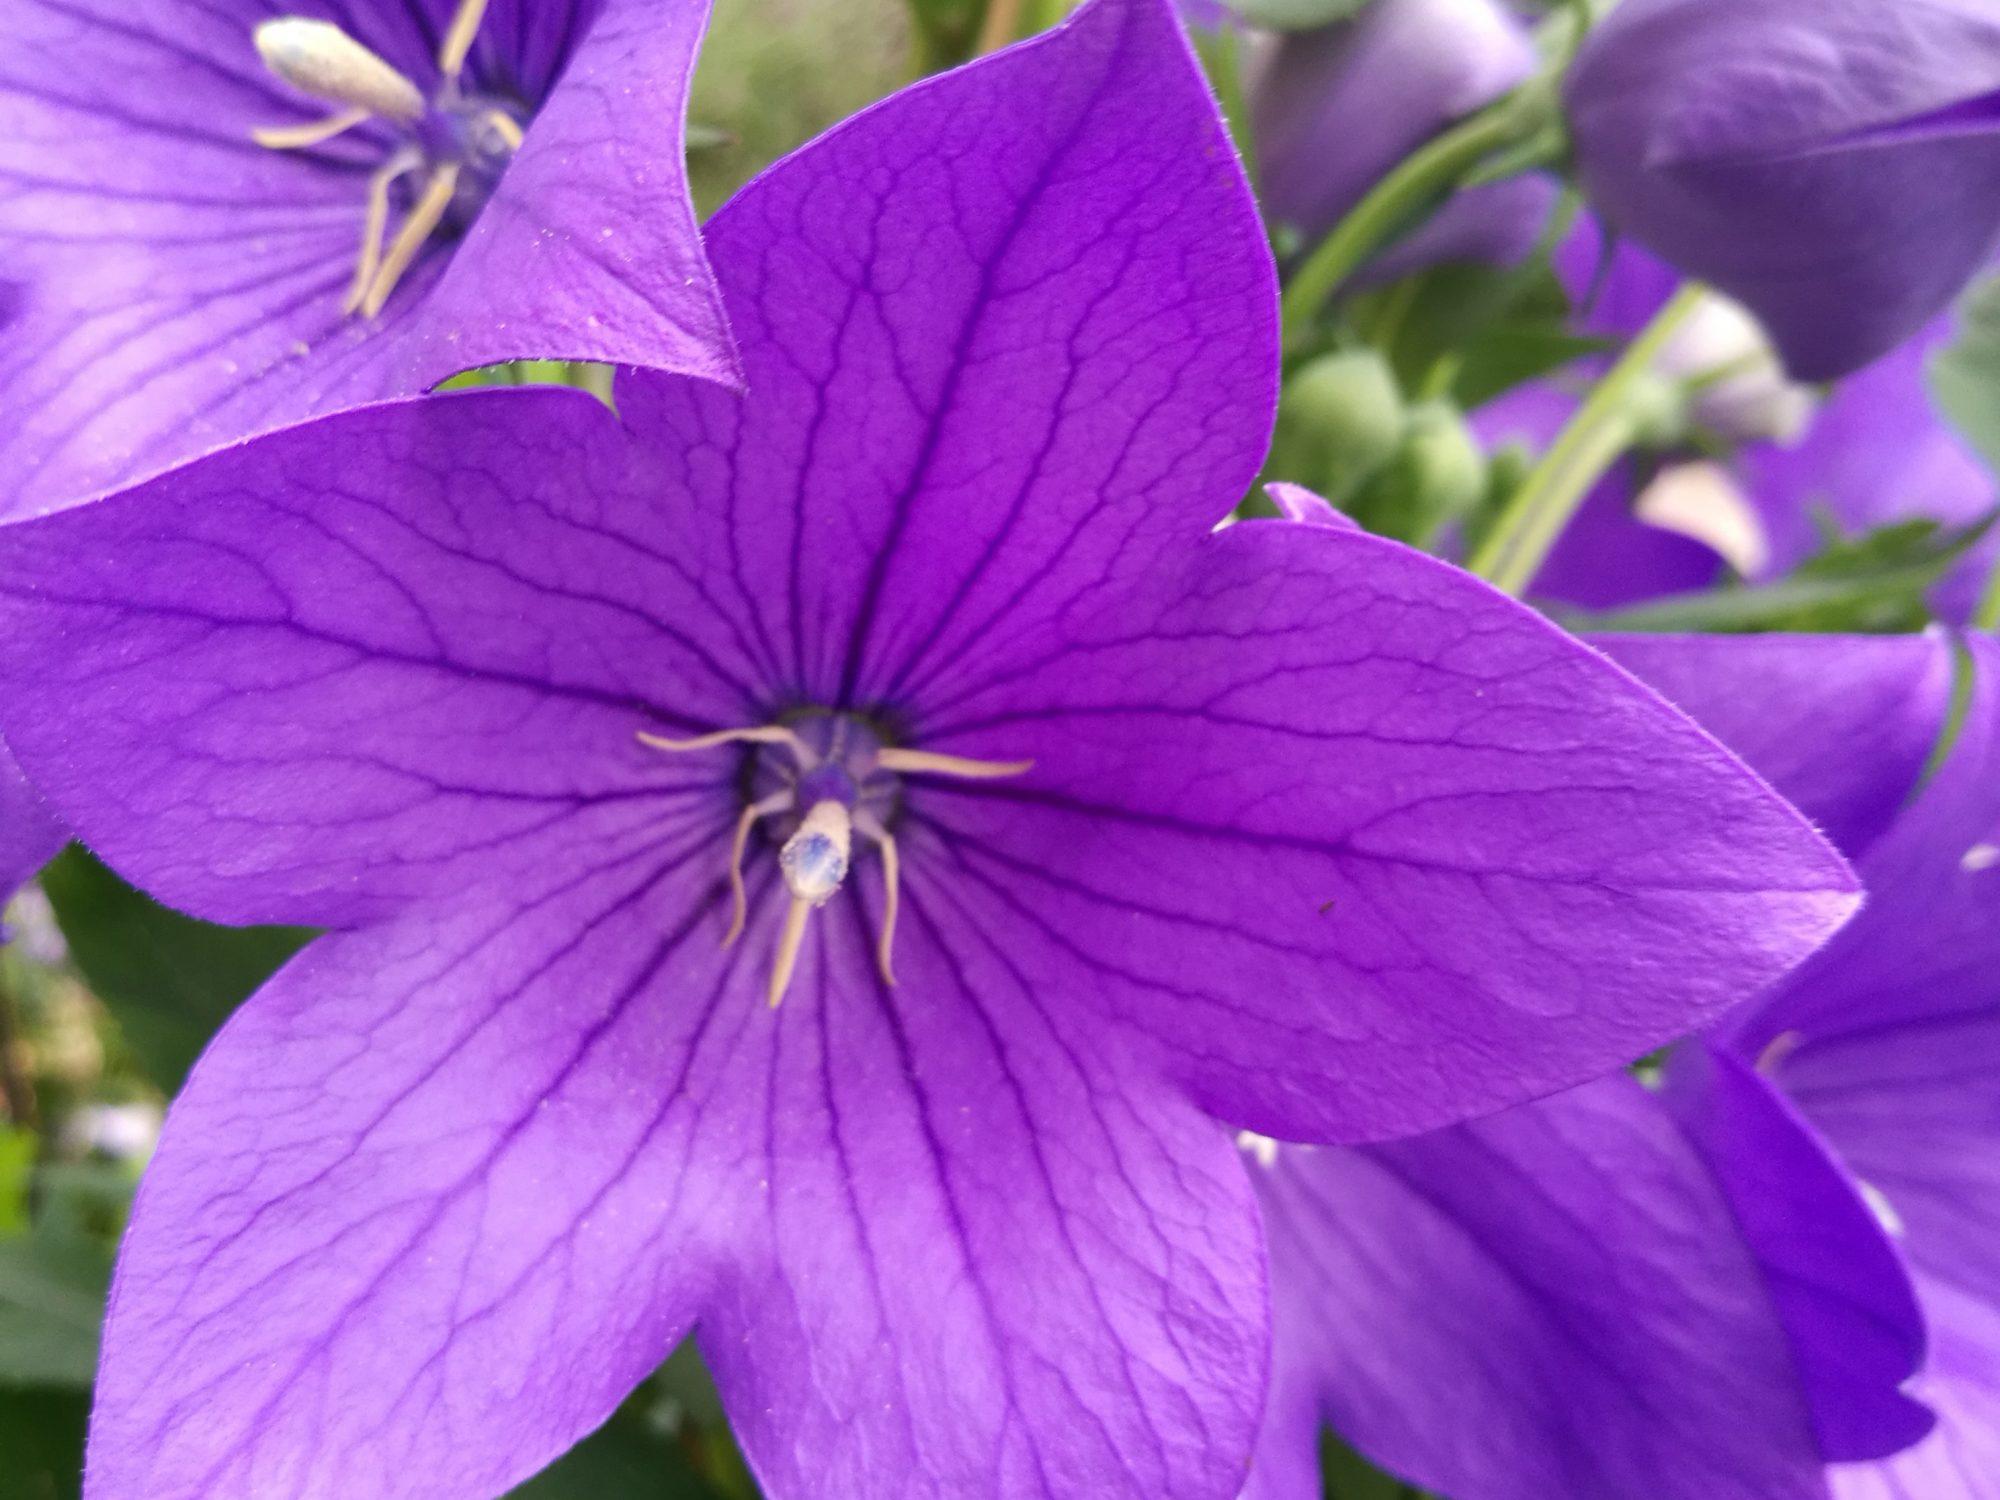 rozwar wielkokwiatowy - kwiaty w ogrodzie - własna uprawa kwiatów